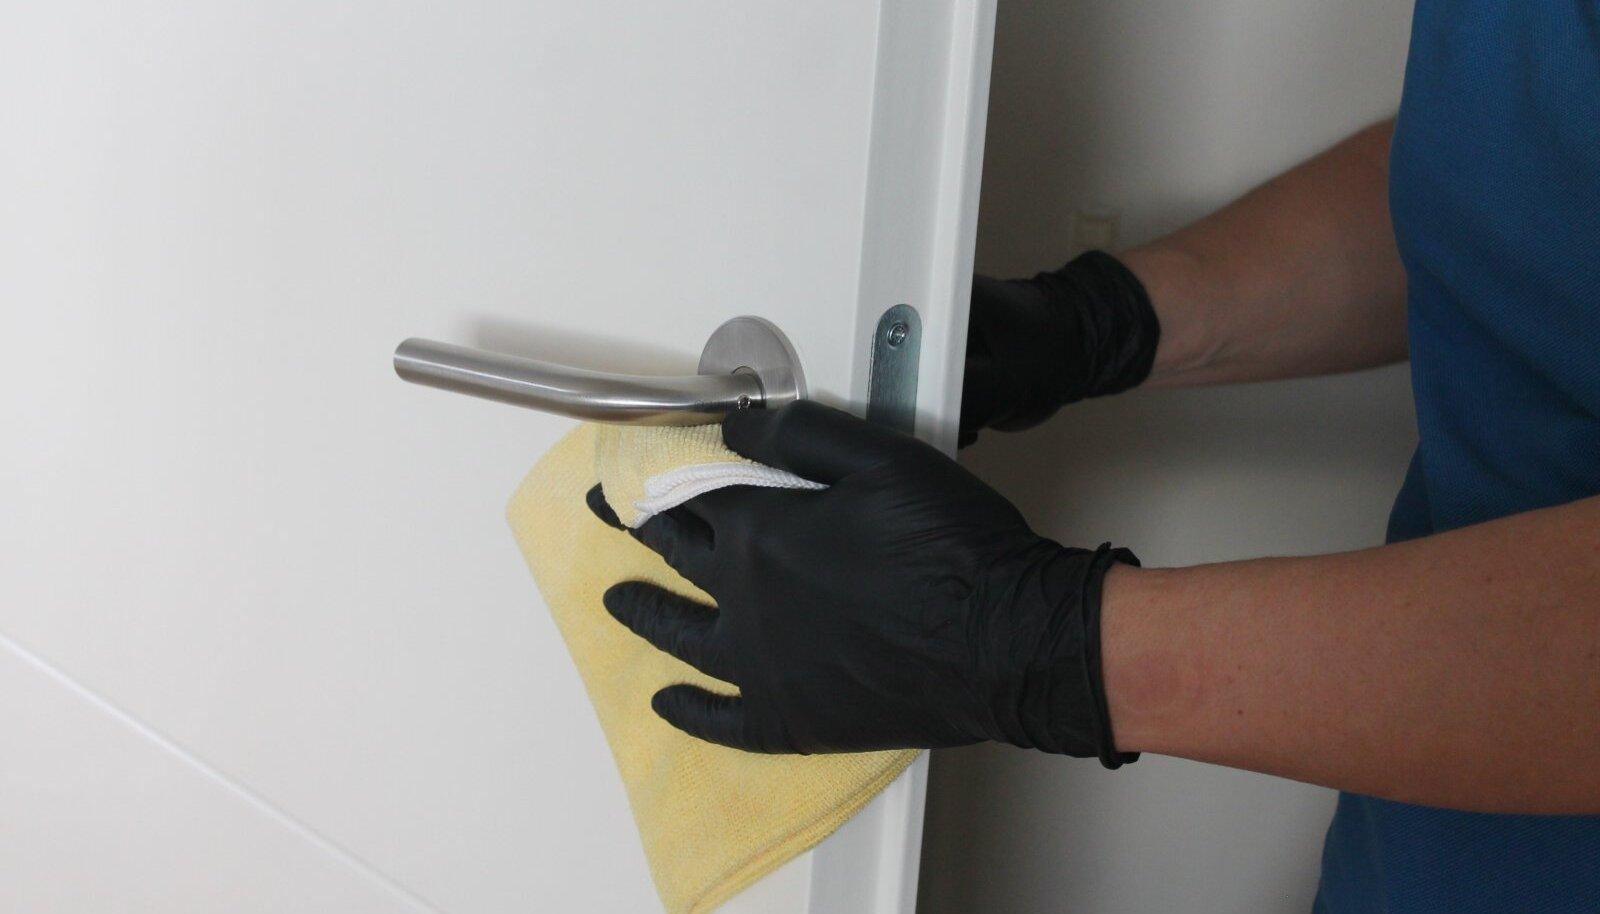 Kõige olulisem on hoolikalt puhastada need pinnad, mida sagedamini puututakse.